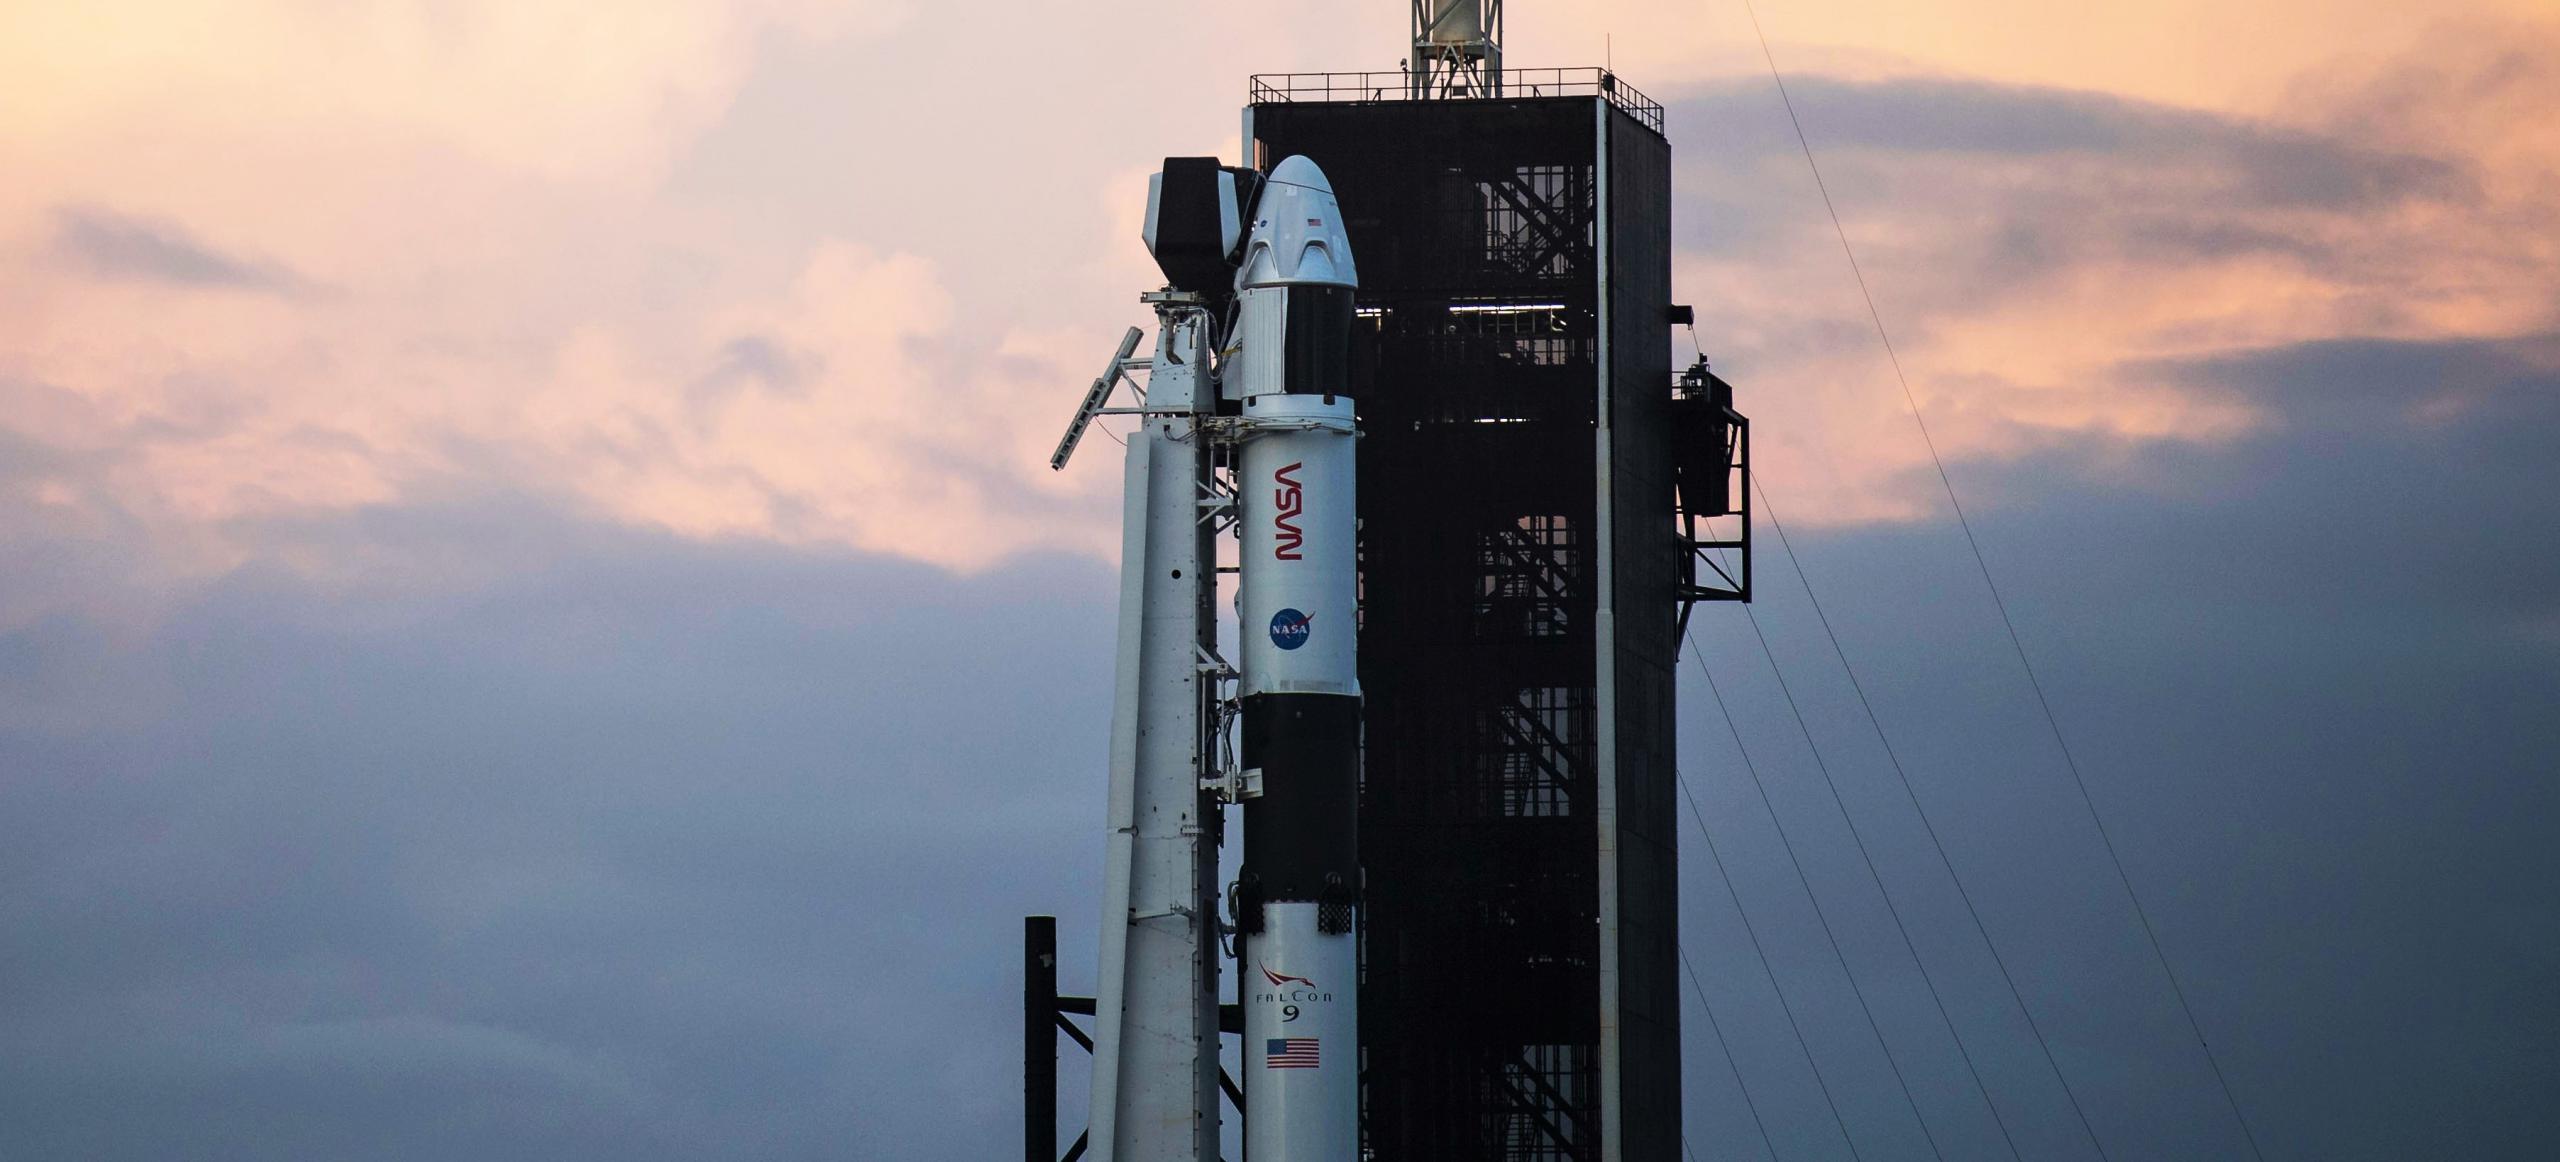 Crew-1 Crew Dragon C207 Falcon 9 B1061 39A 110820 (NASA) vertical 4 crop (c)